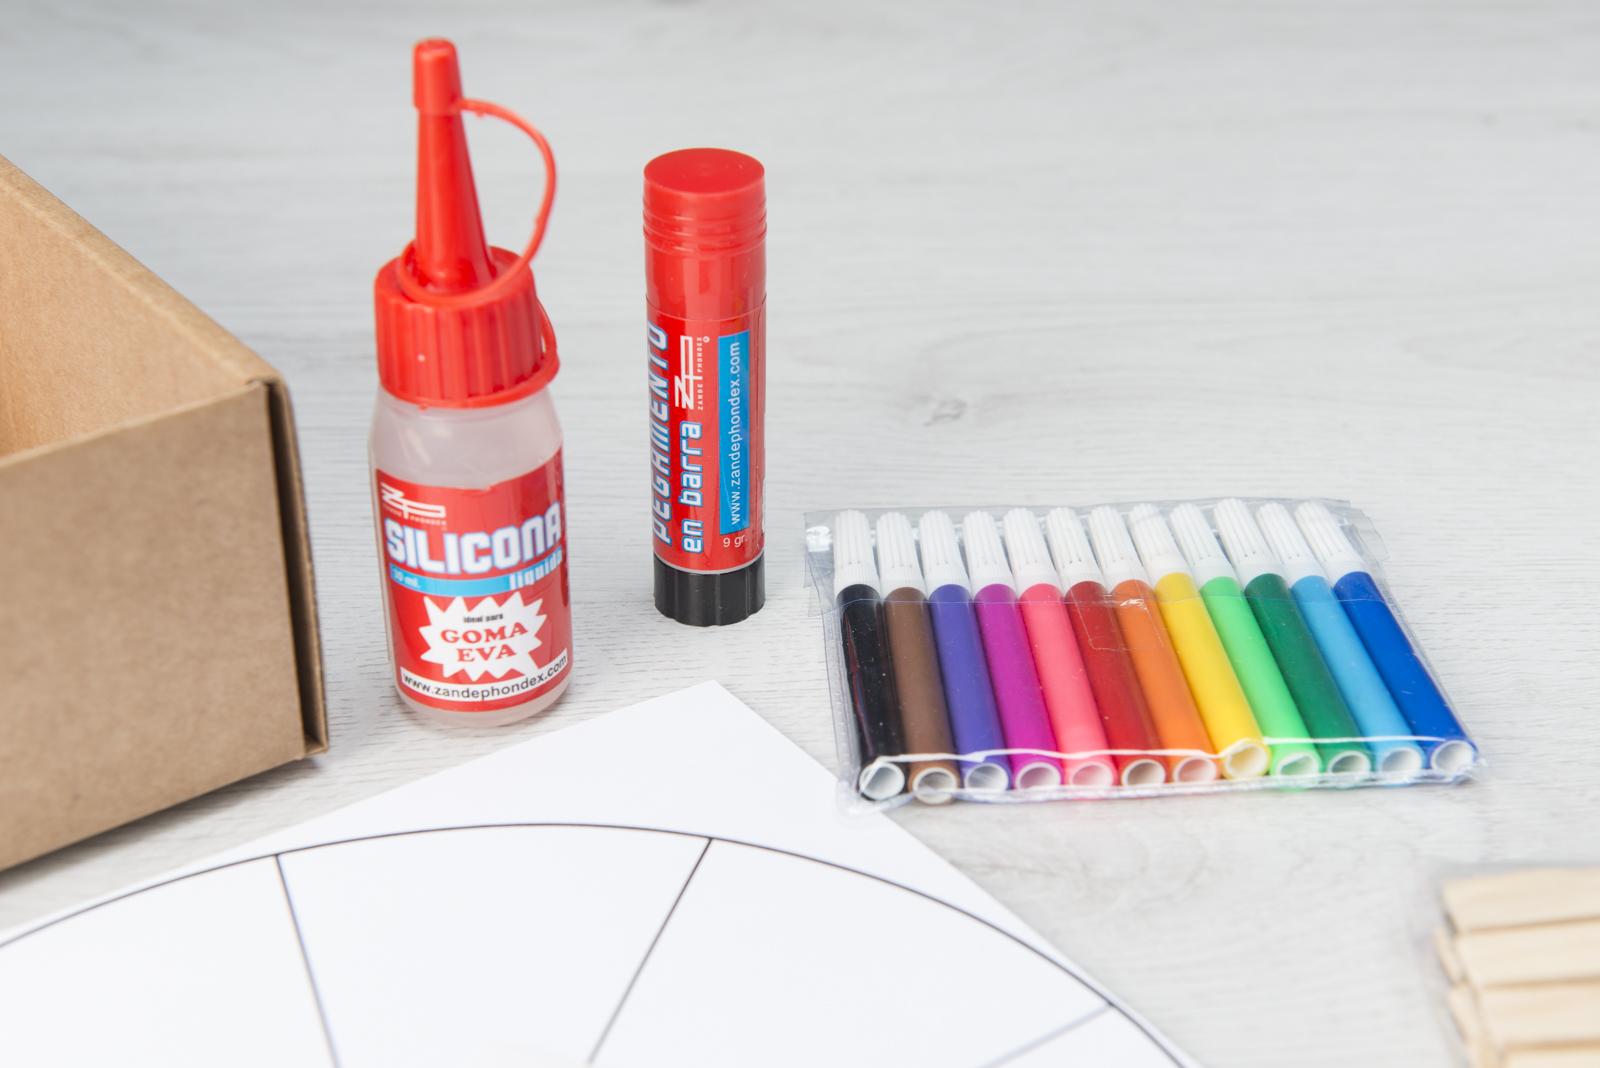 Materiales de manualidades infantiles Silicona fria